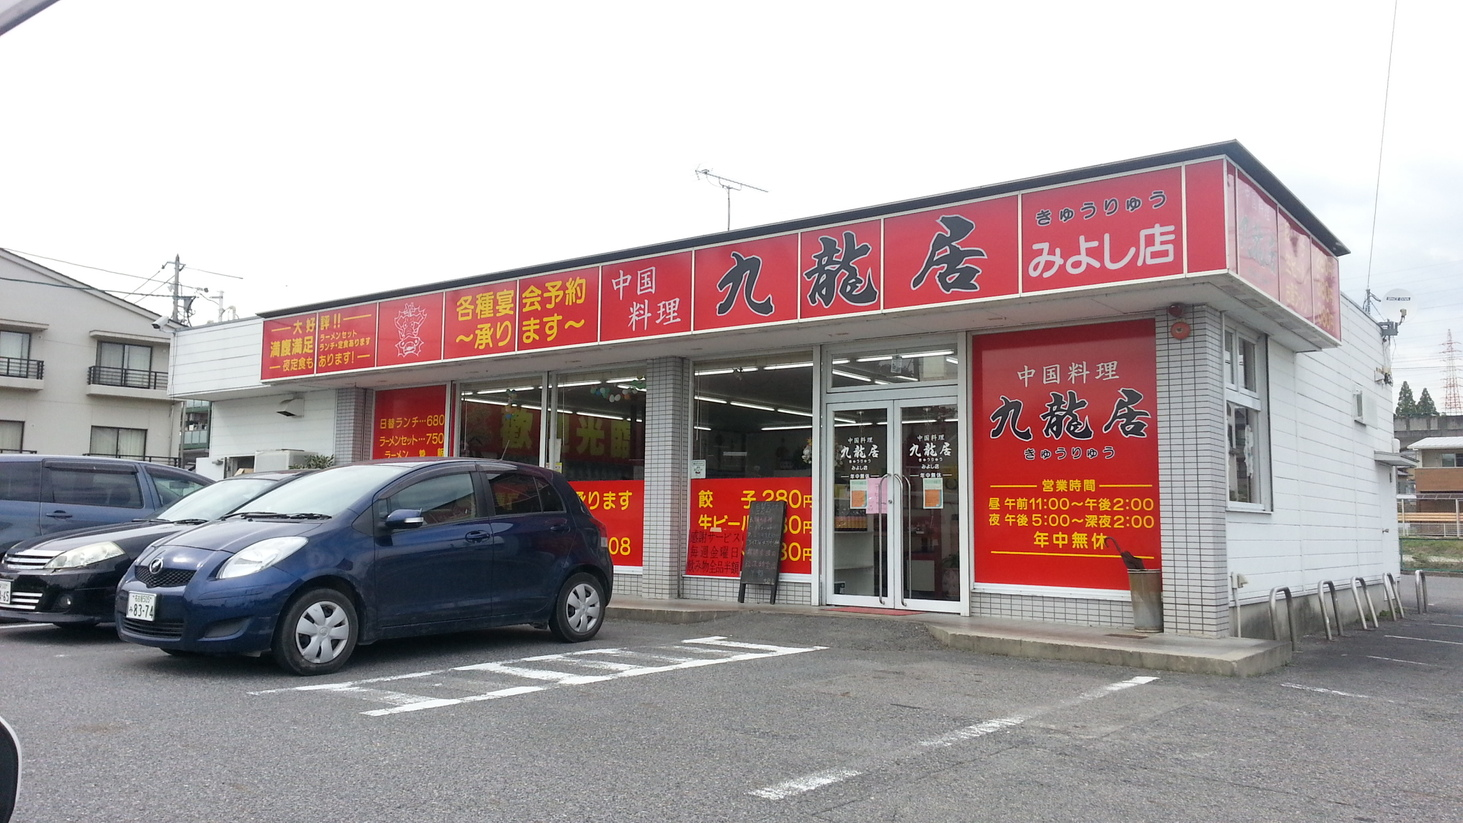 九龍居 黒笹